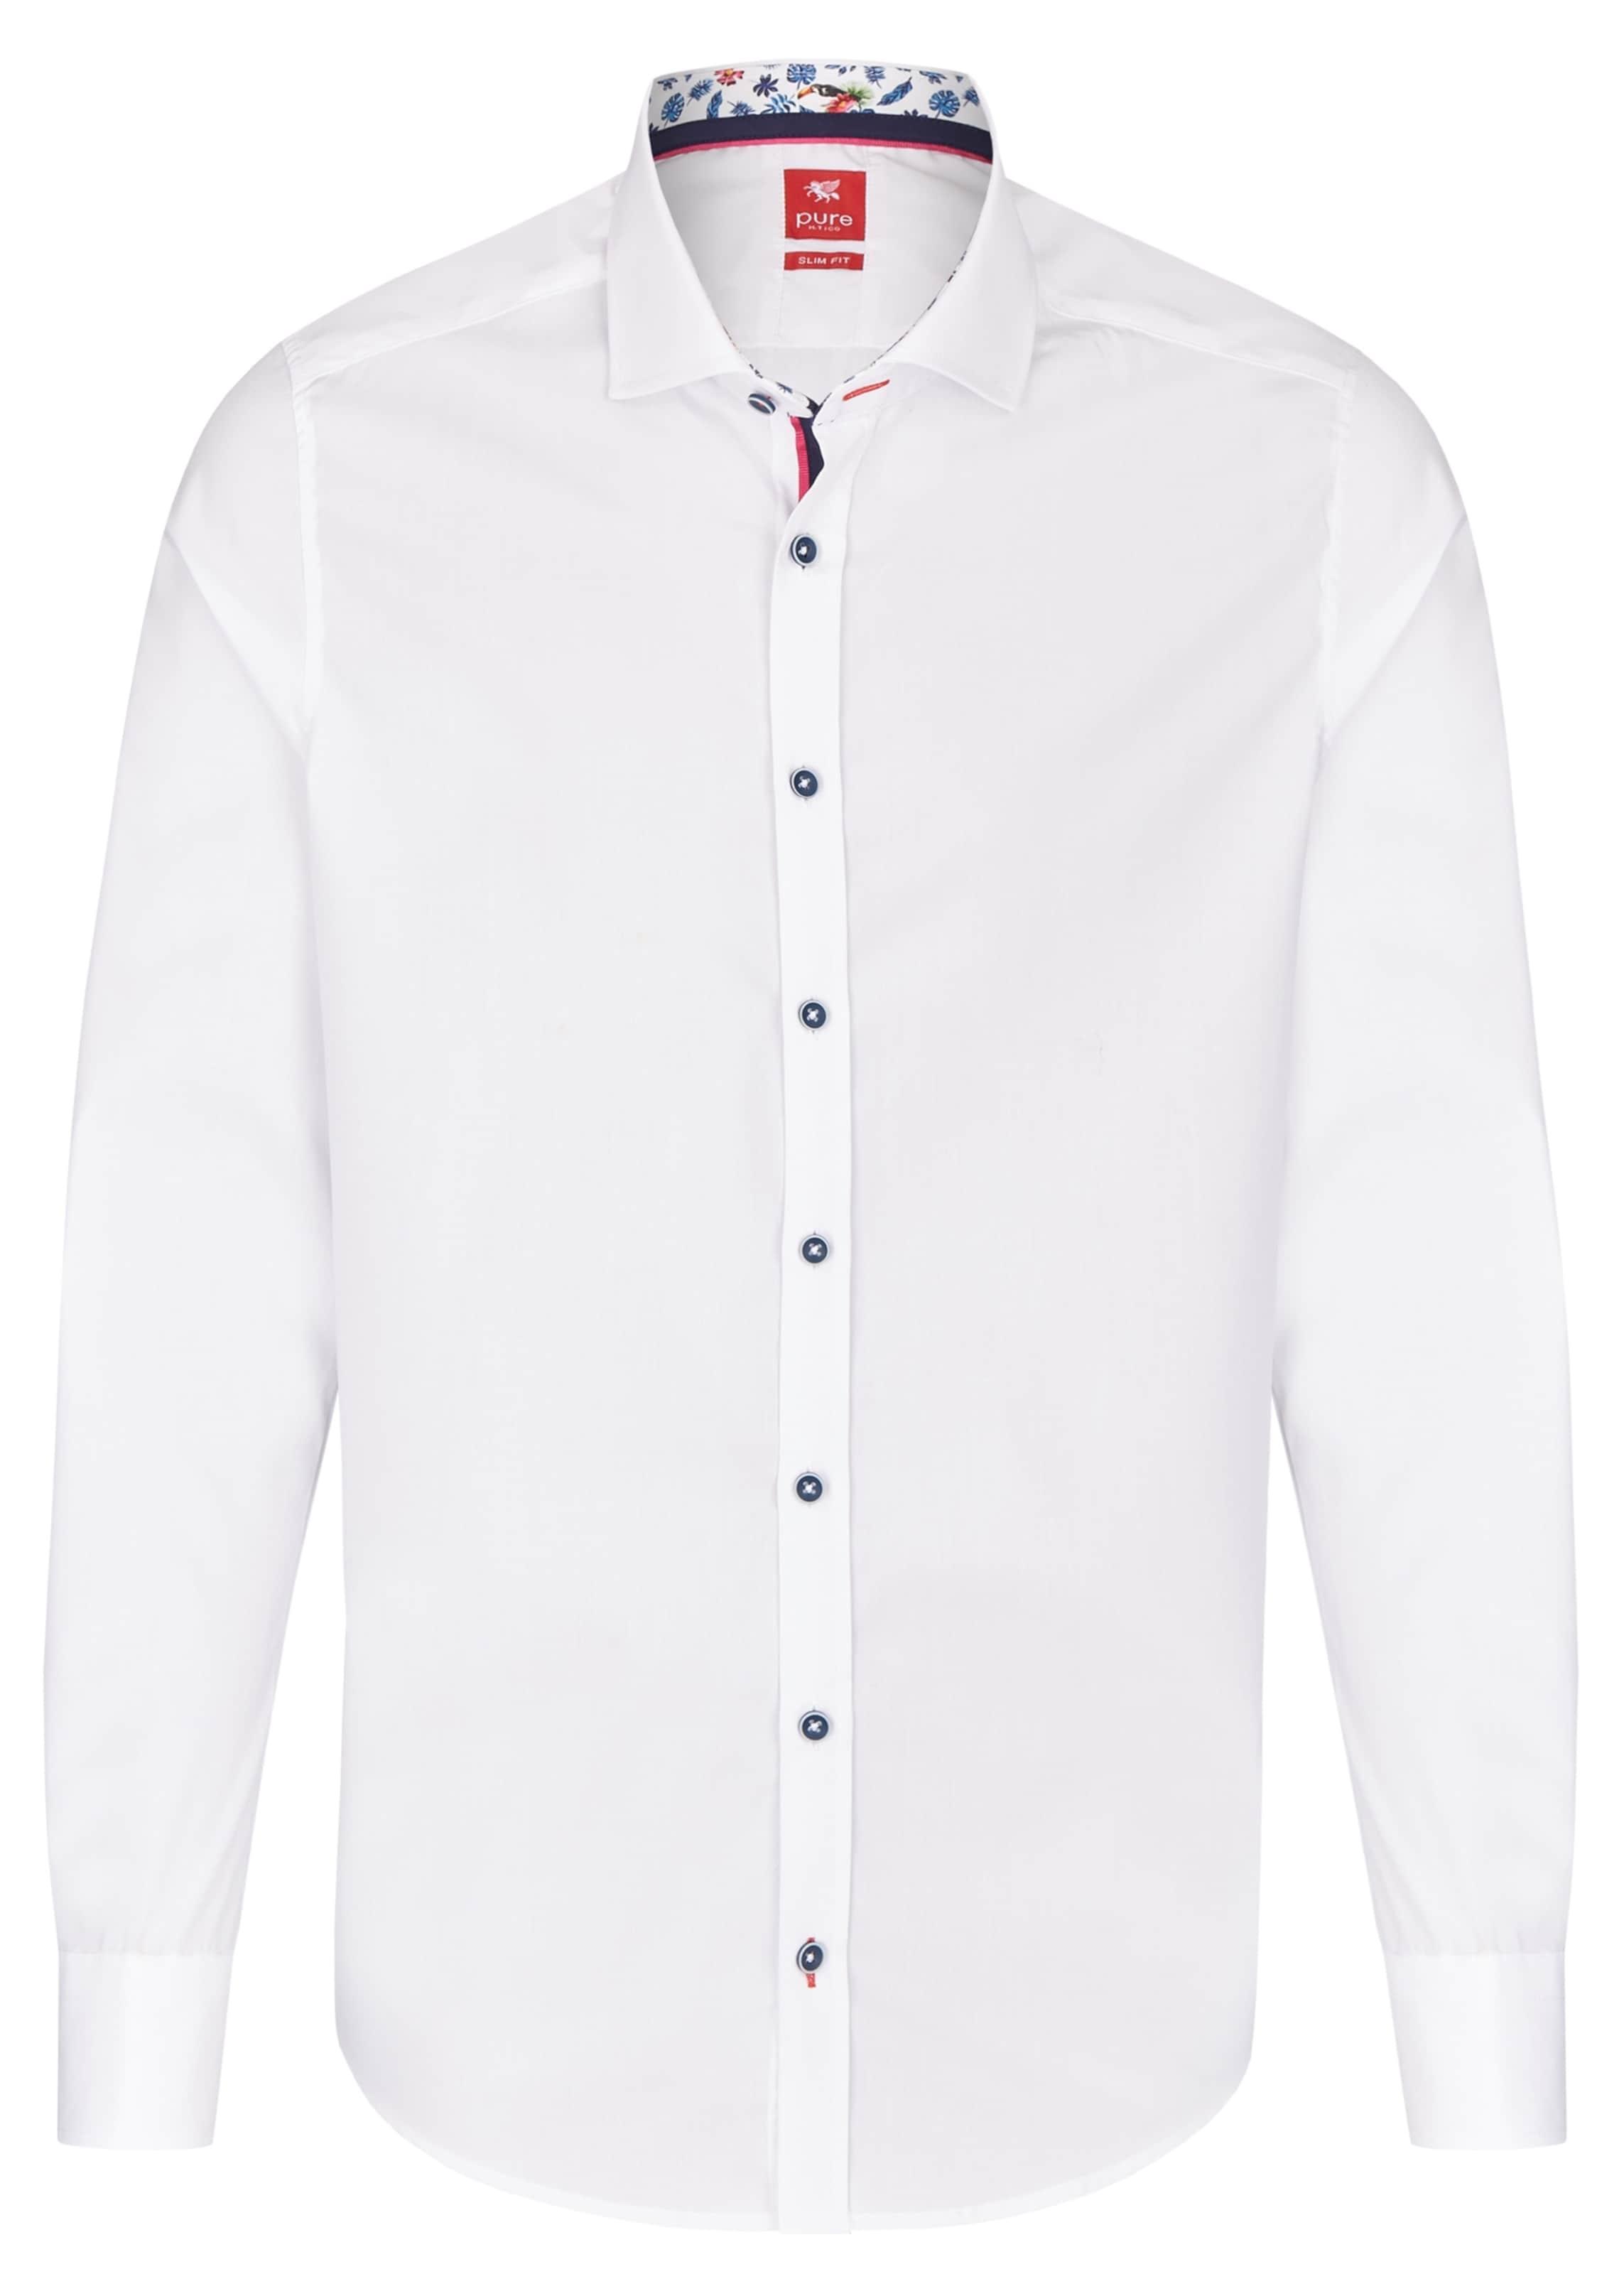 Pure Hemd Pure Weiß In Hemd In erCxodBWQ